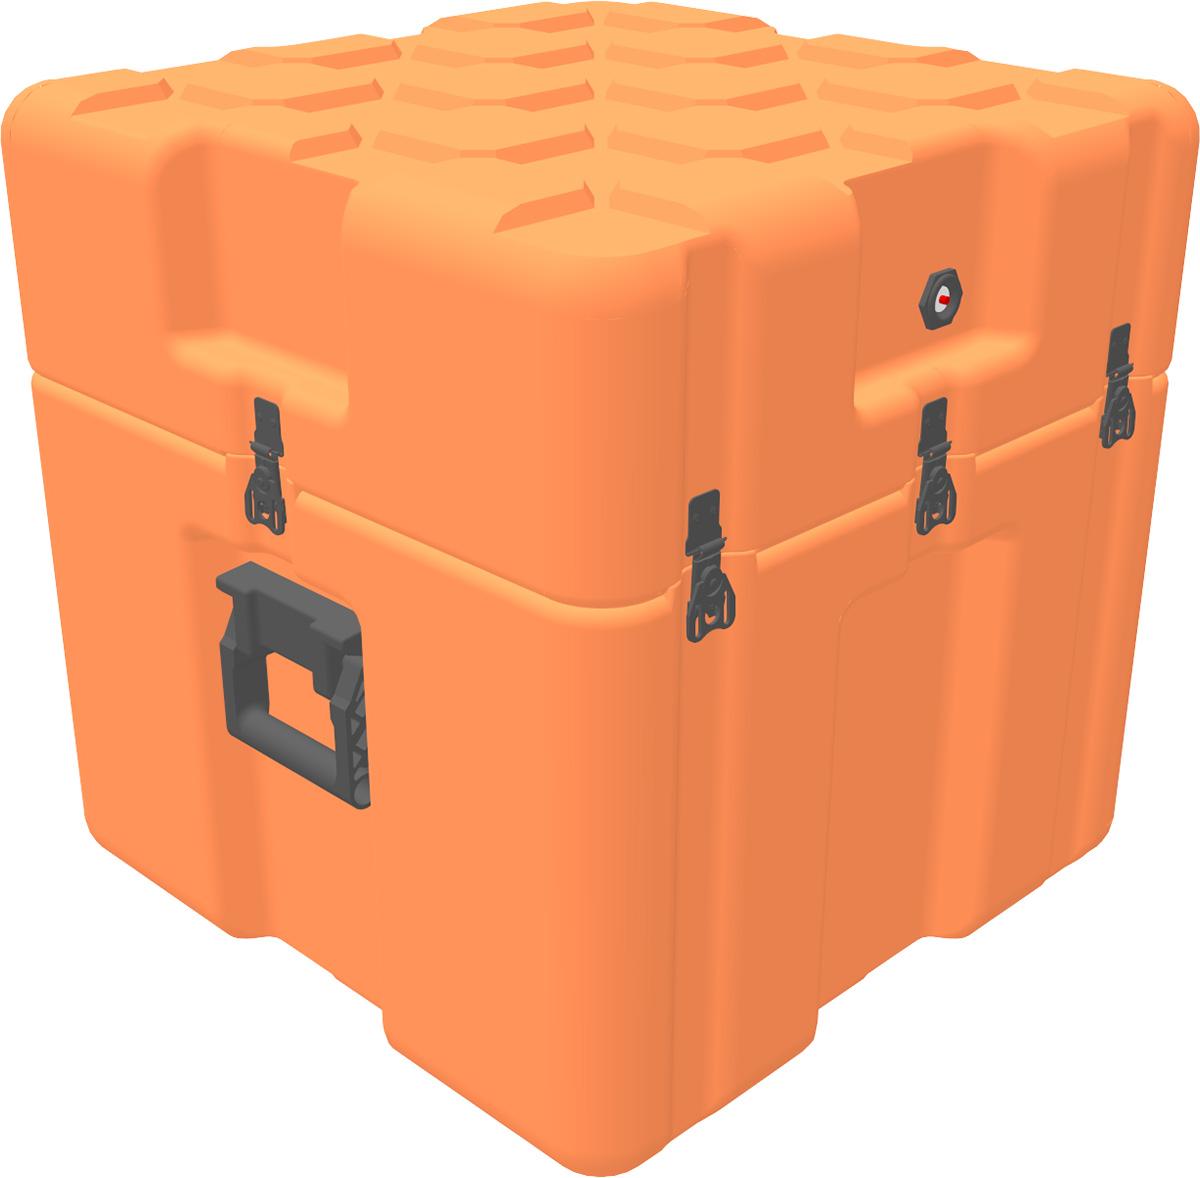 peli eu060060 4020 isp2 shipping case